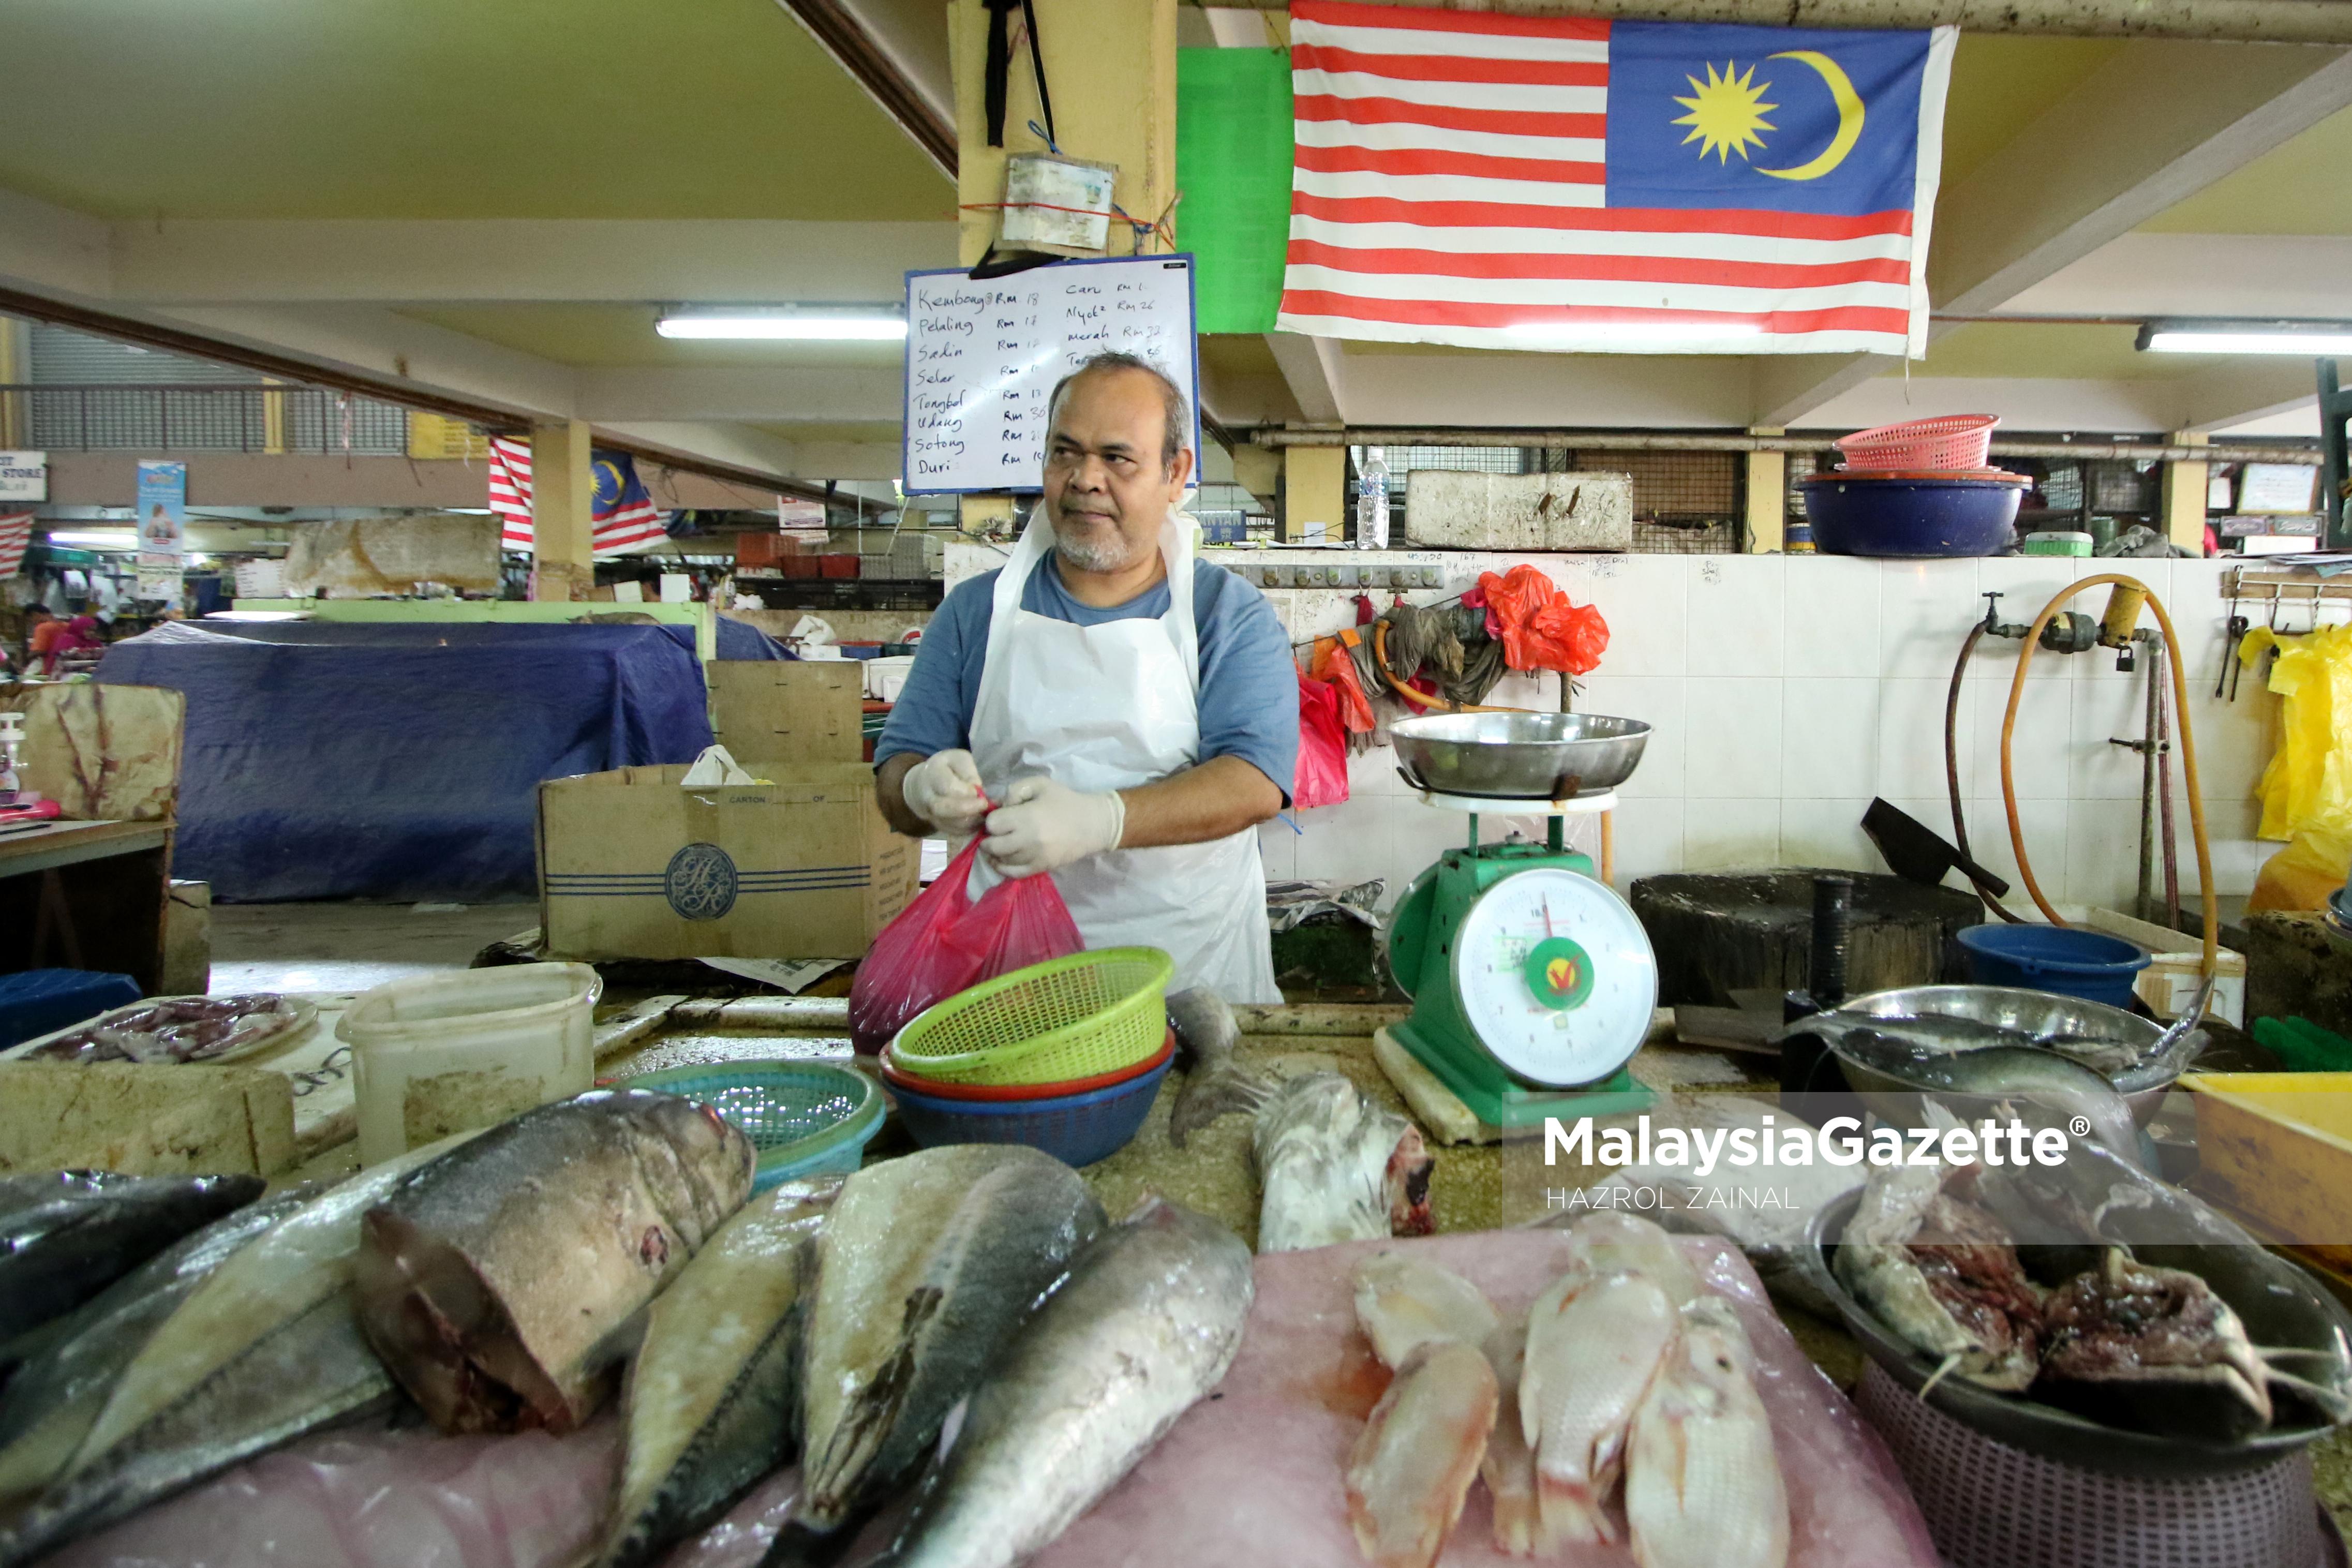 Peniaga, Ishak Shaari menyusun ikan yang dijualnya ketika tinjauan harga barang di Pasar Sungai Besi, Kuala Lumpur. foto MOHD HAZROL ZAINAL, 17 MAC 2017.